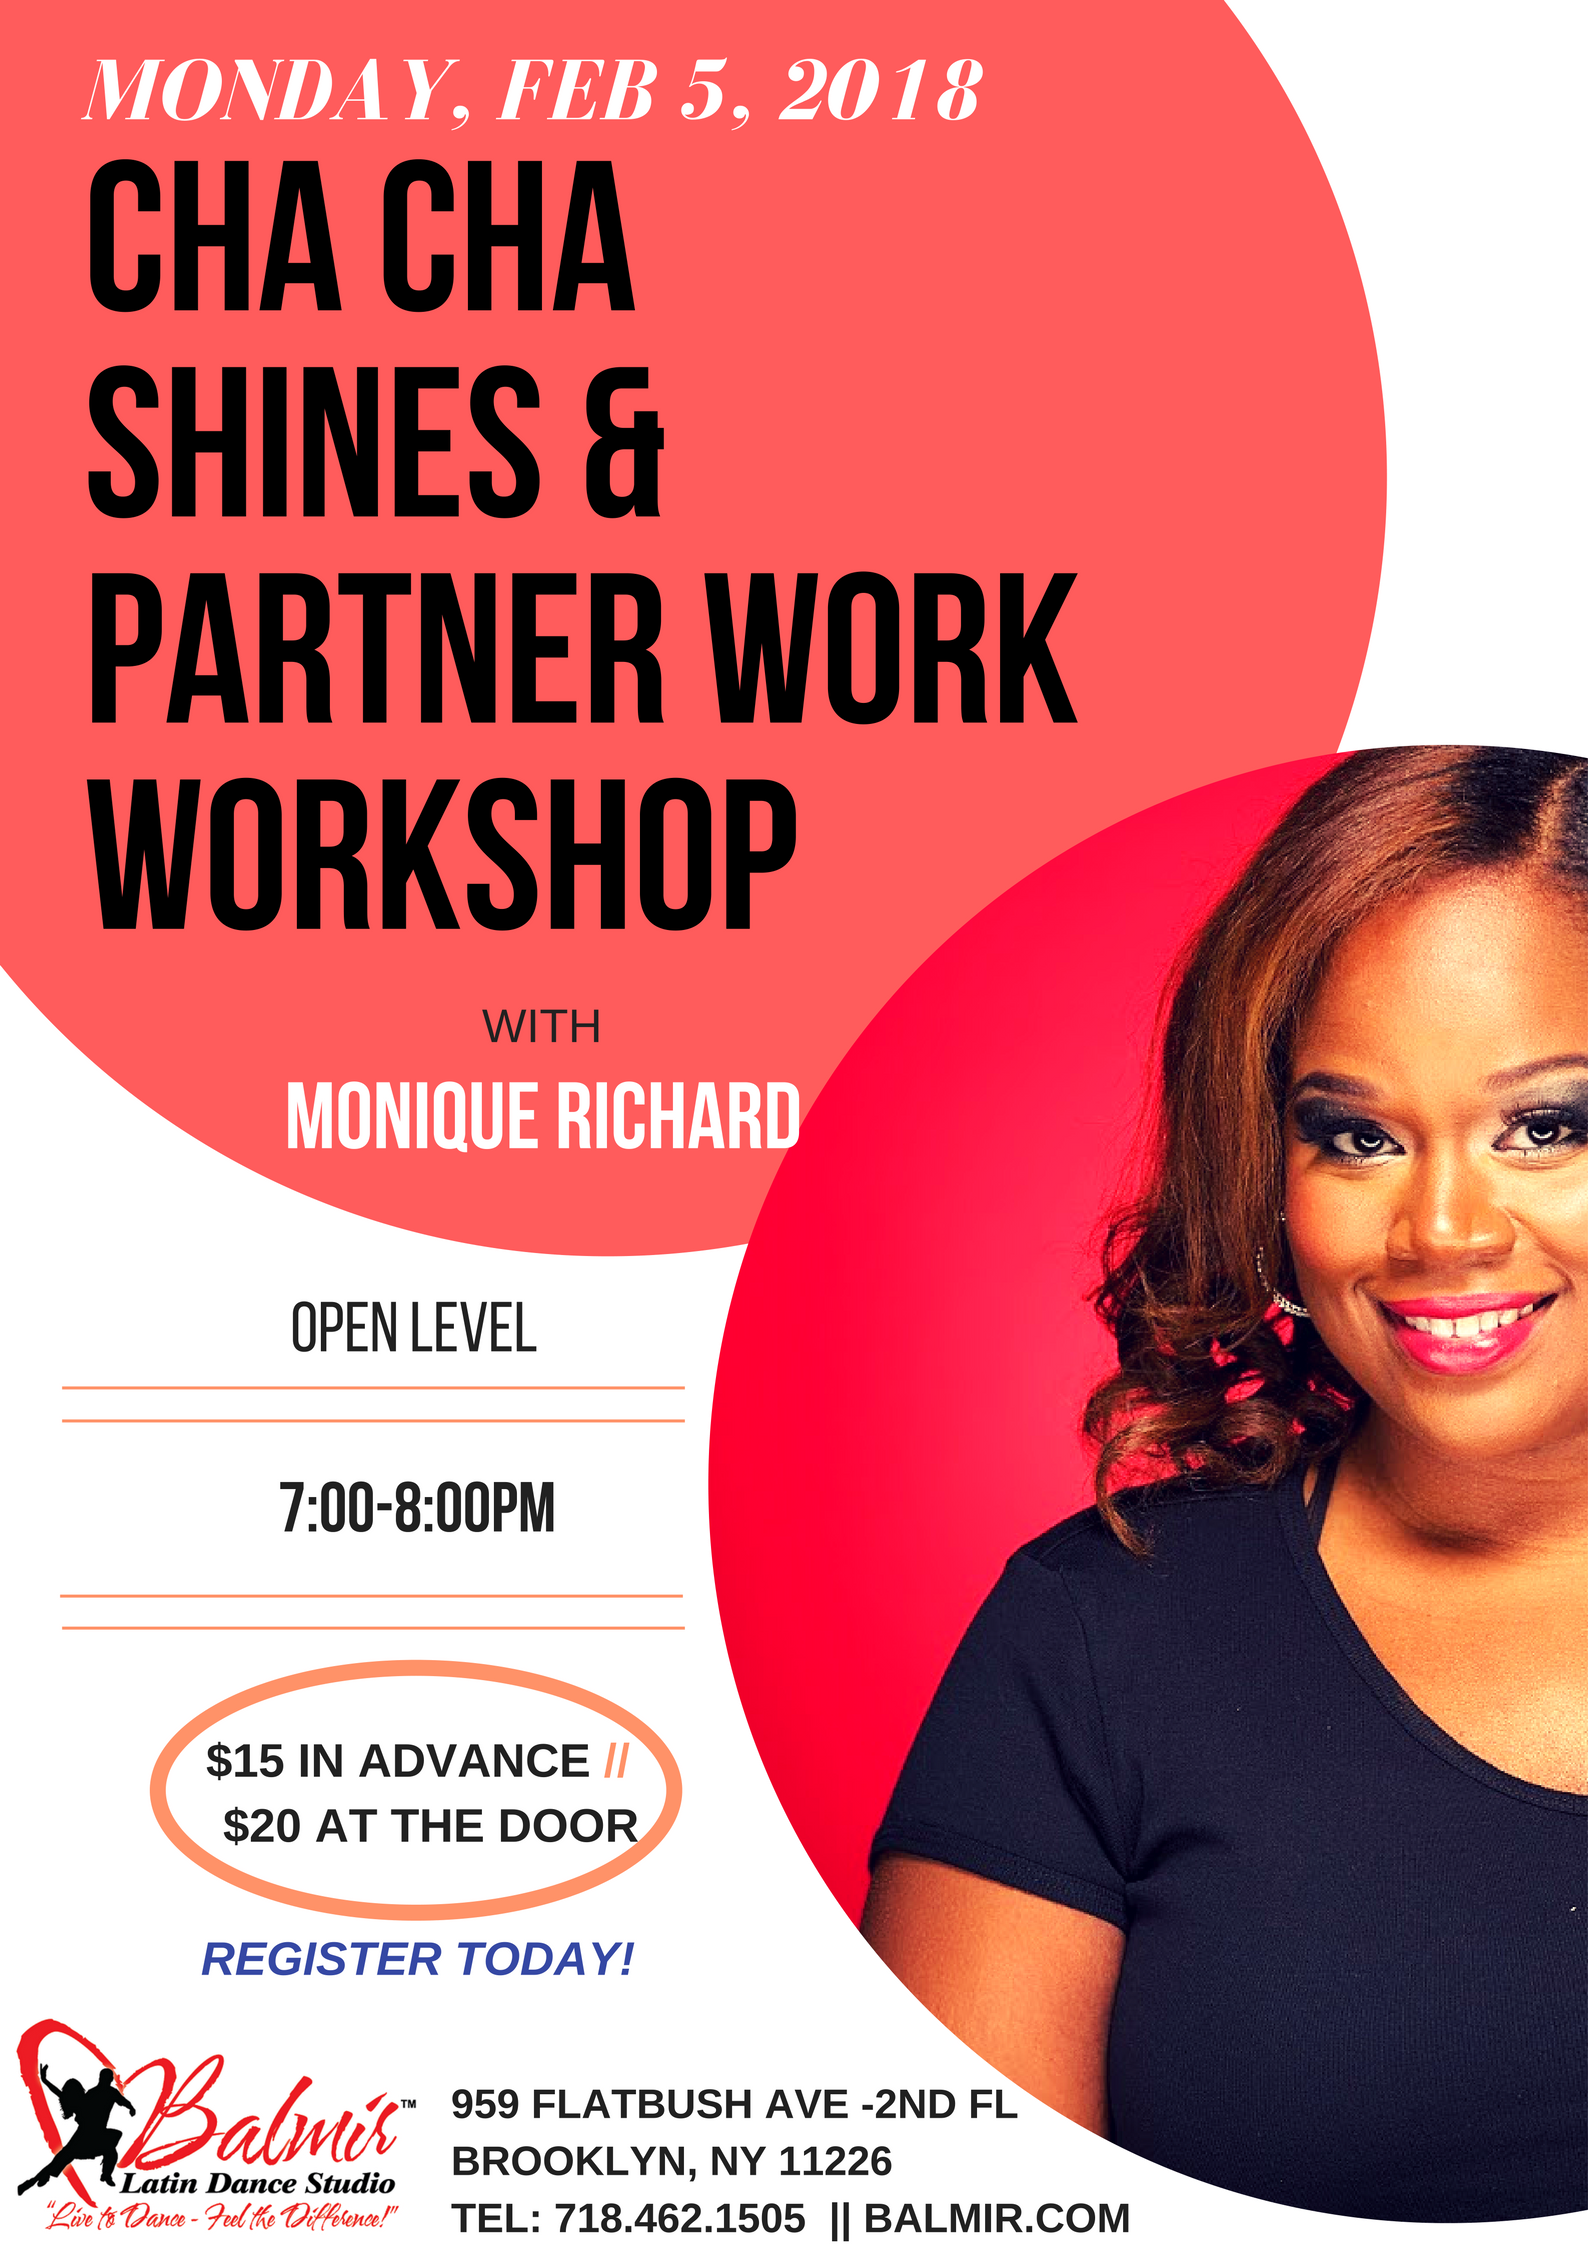 MONDAY, JAN 22, 2018 Cha Cha Shines Workshop